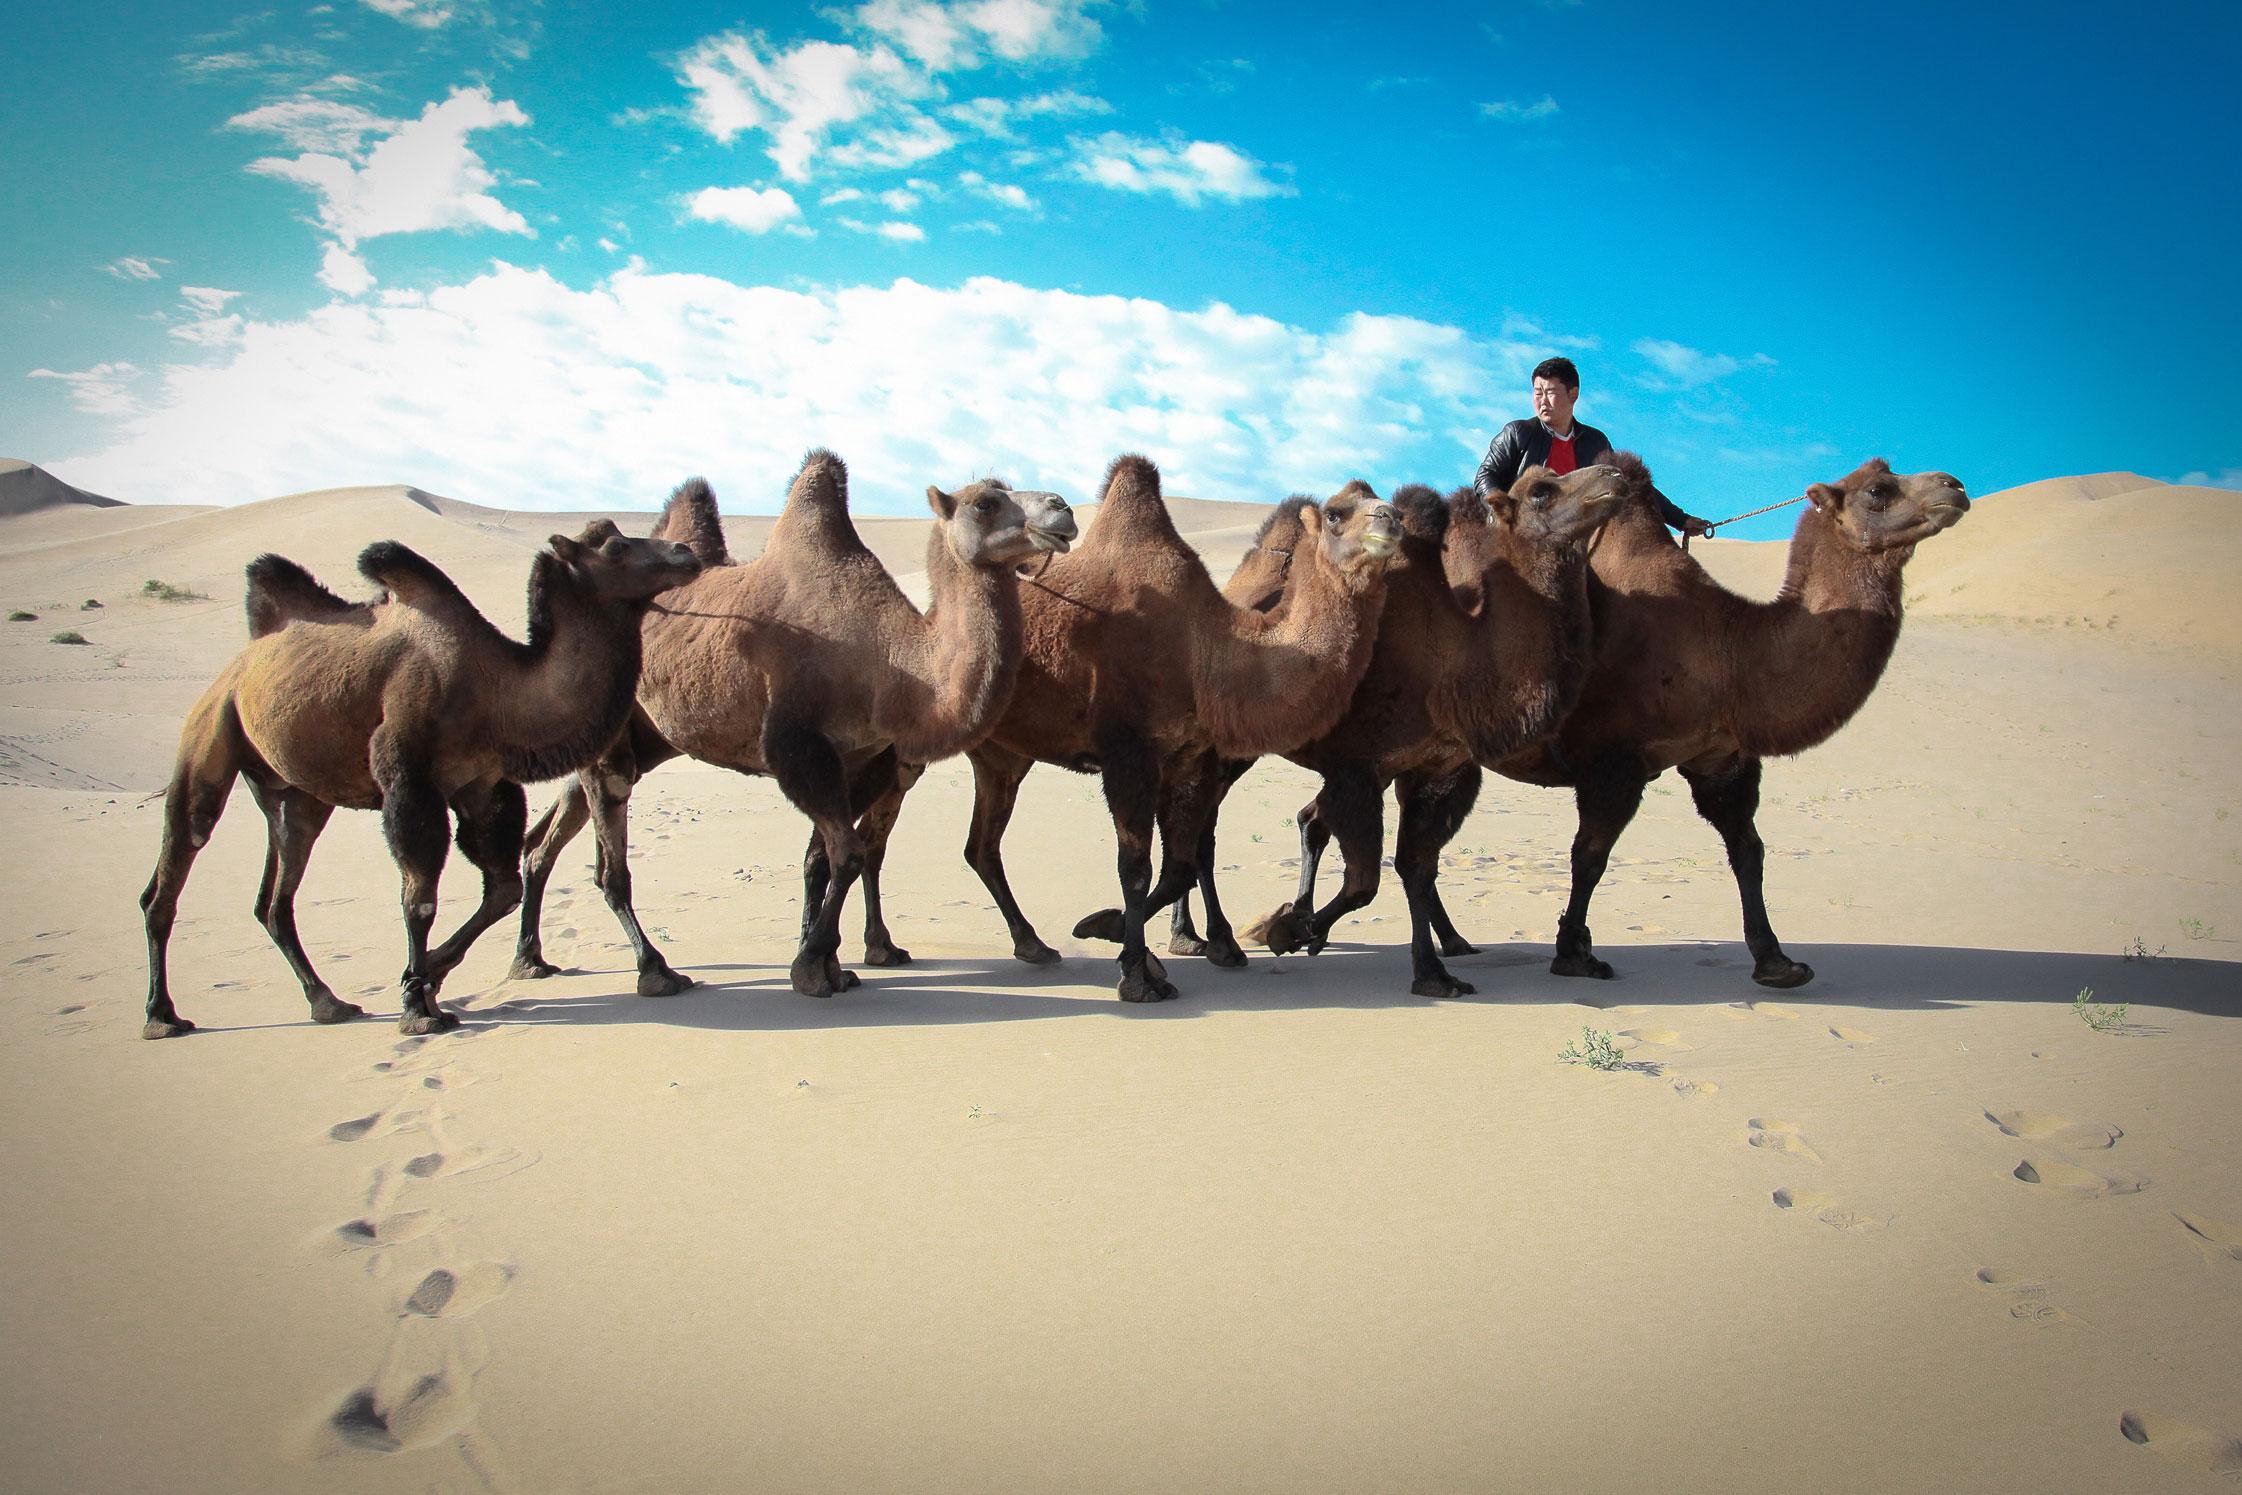 Camel herders, Gobi, Mongolia.